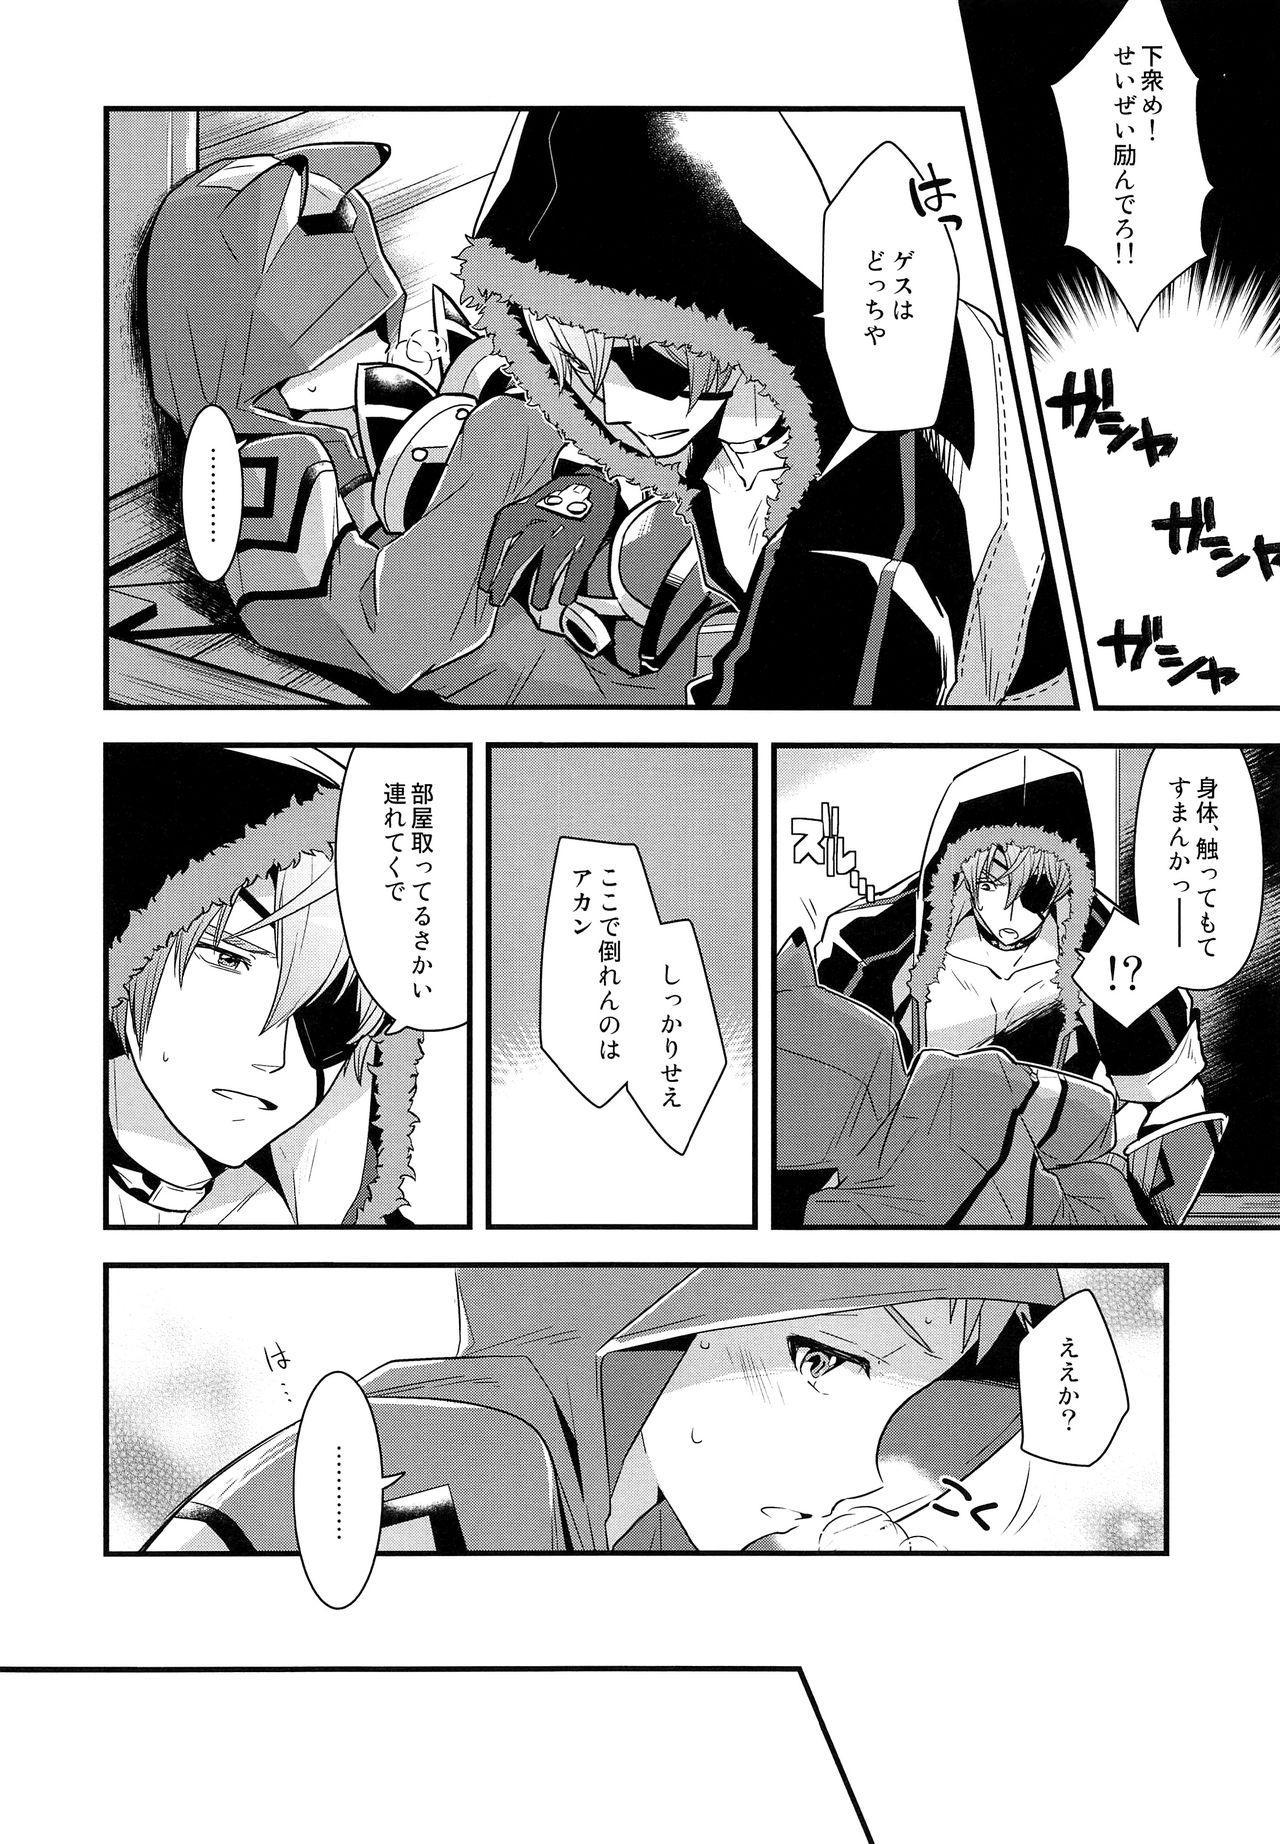 if no Kizuna 12